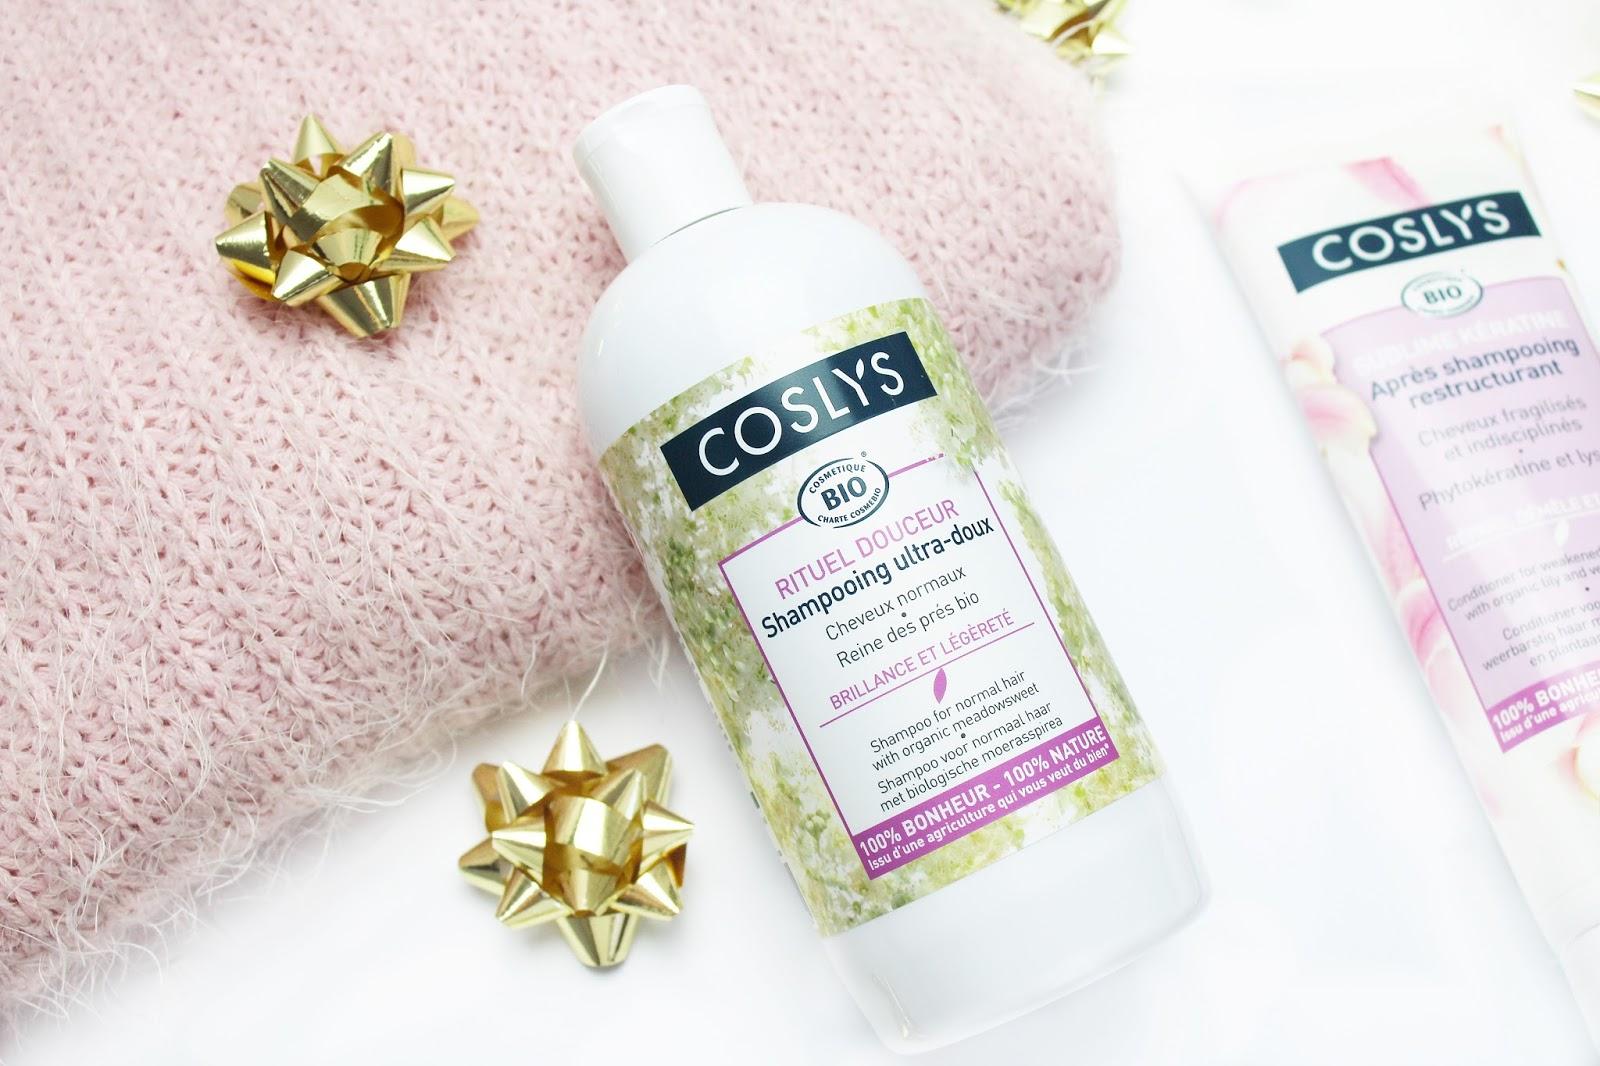 Coslys, Delikatny szampon do częstego stosowania oraz Odżywka naprawcza z keratyną do włosów osłabionych i zniszczonych